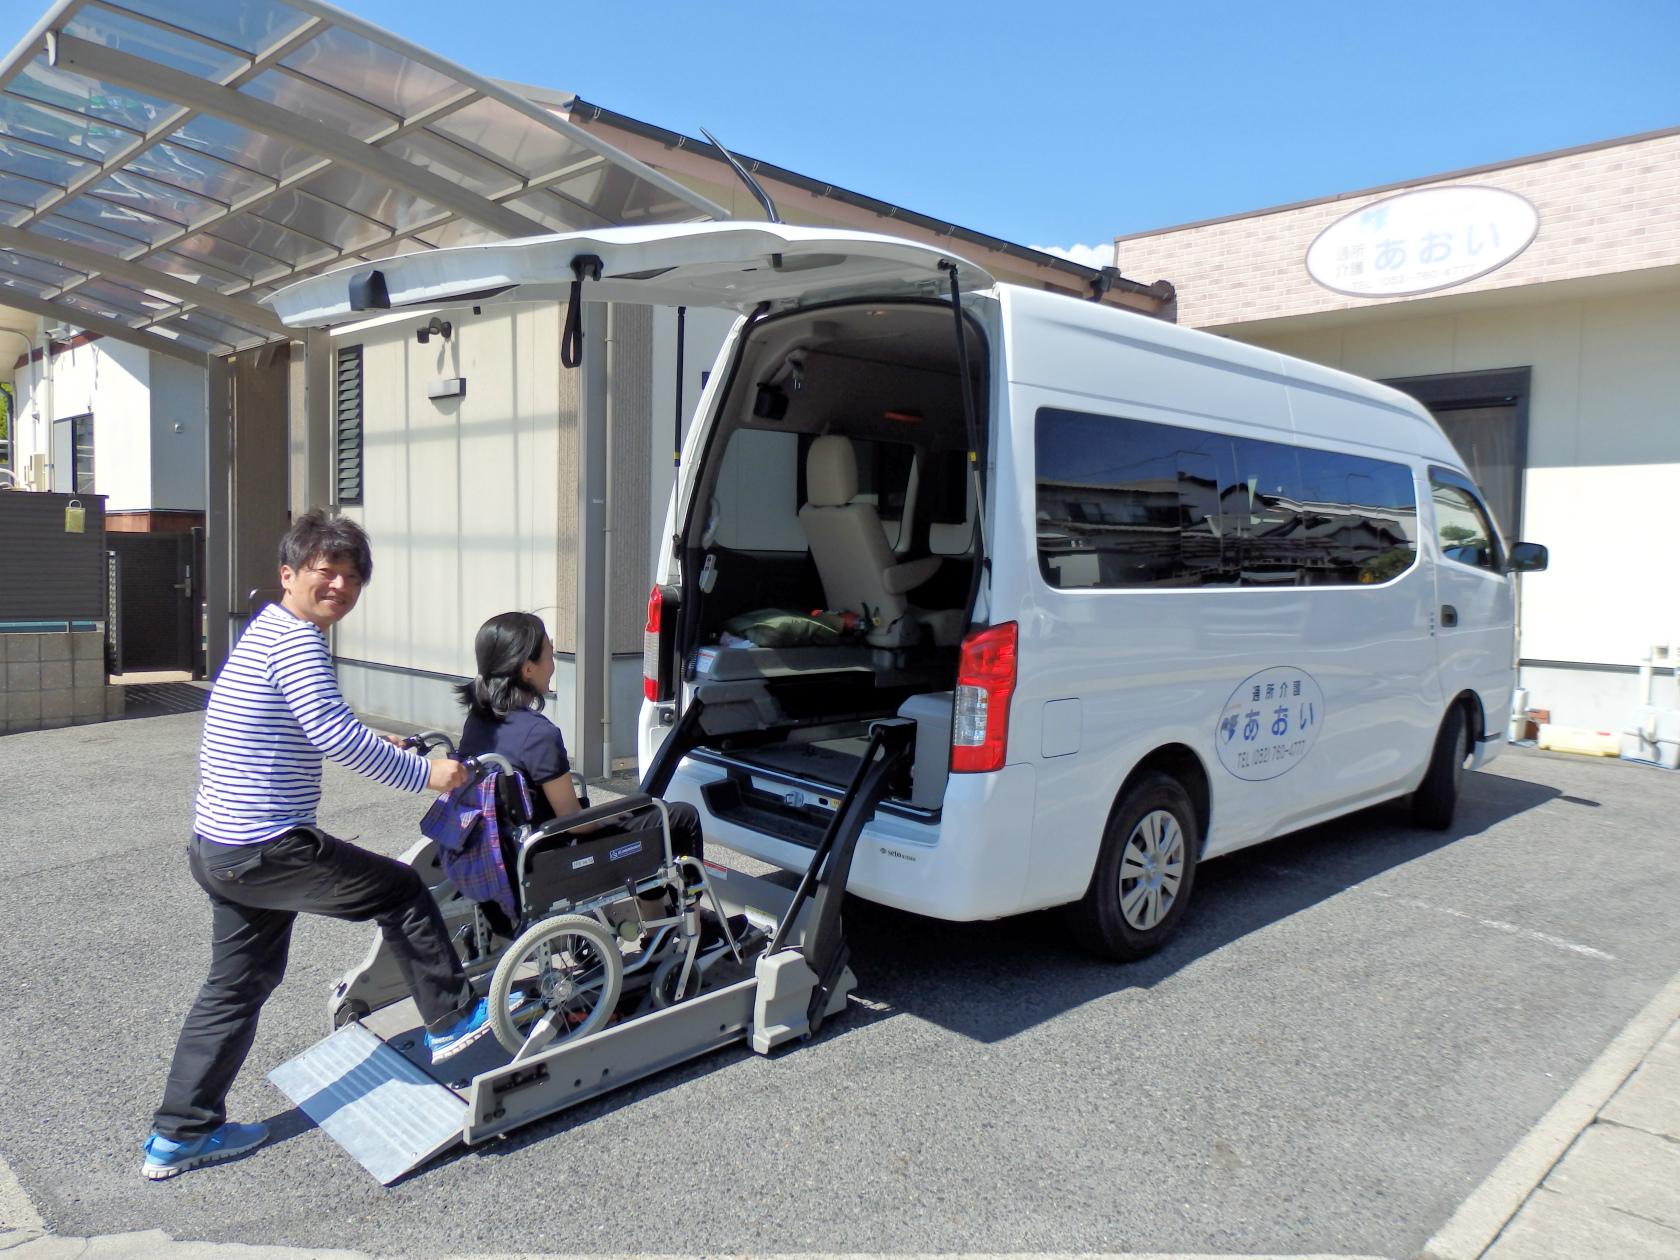 ご利用者様が安全にしかも快適に送迎できるようにしています。車椅子の方の送迎もお任せください